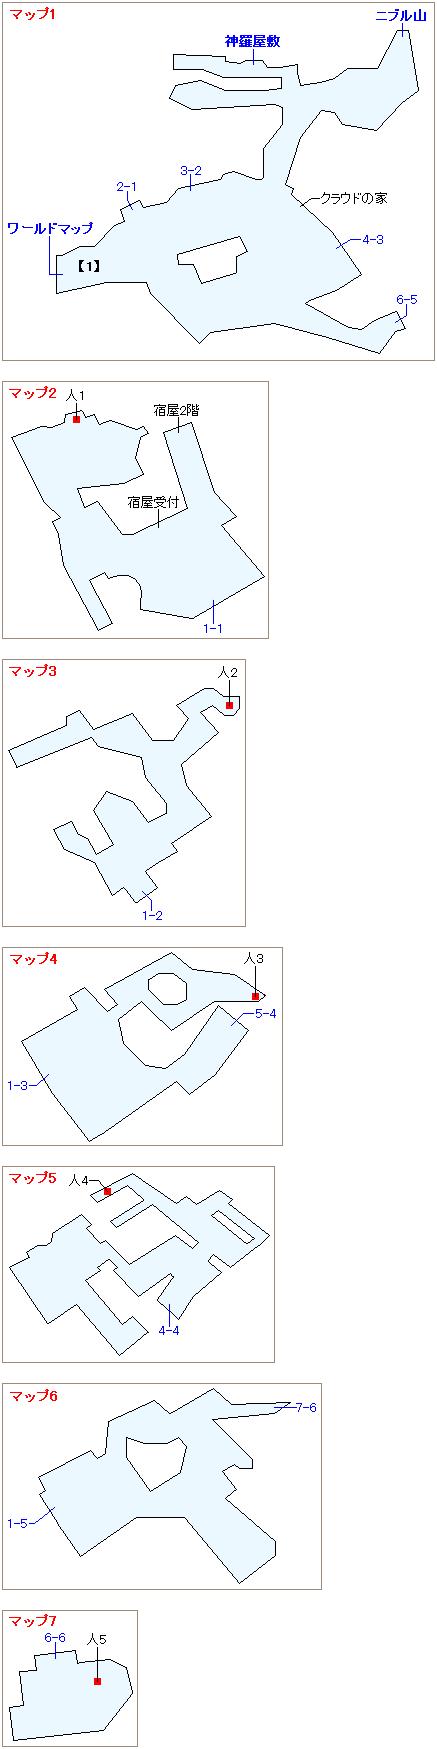 ストーリー攻略マップ・ニブルヘイム(1)